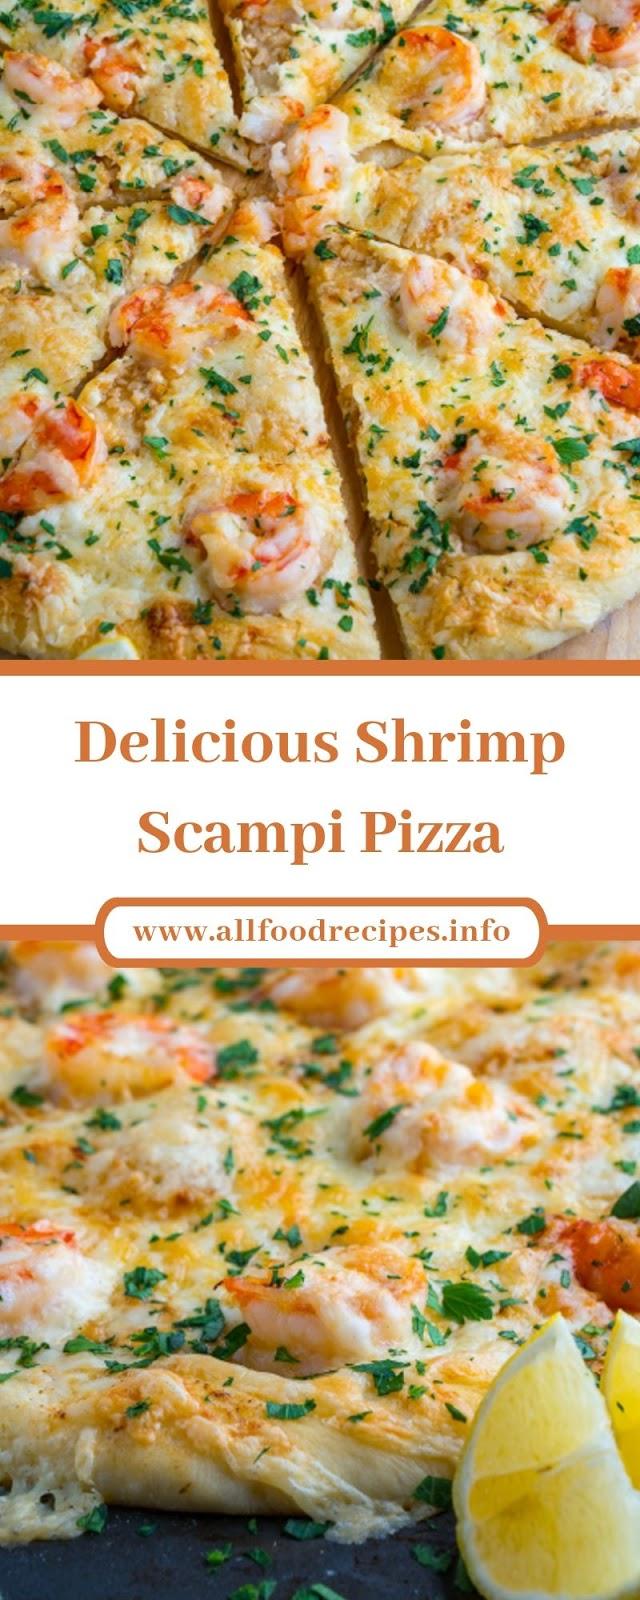 Delicious Shrimp Scampi Pizza